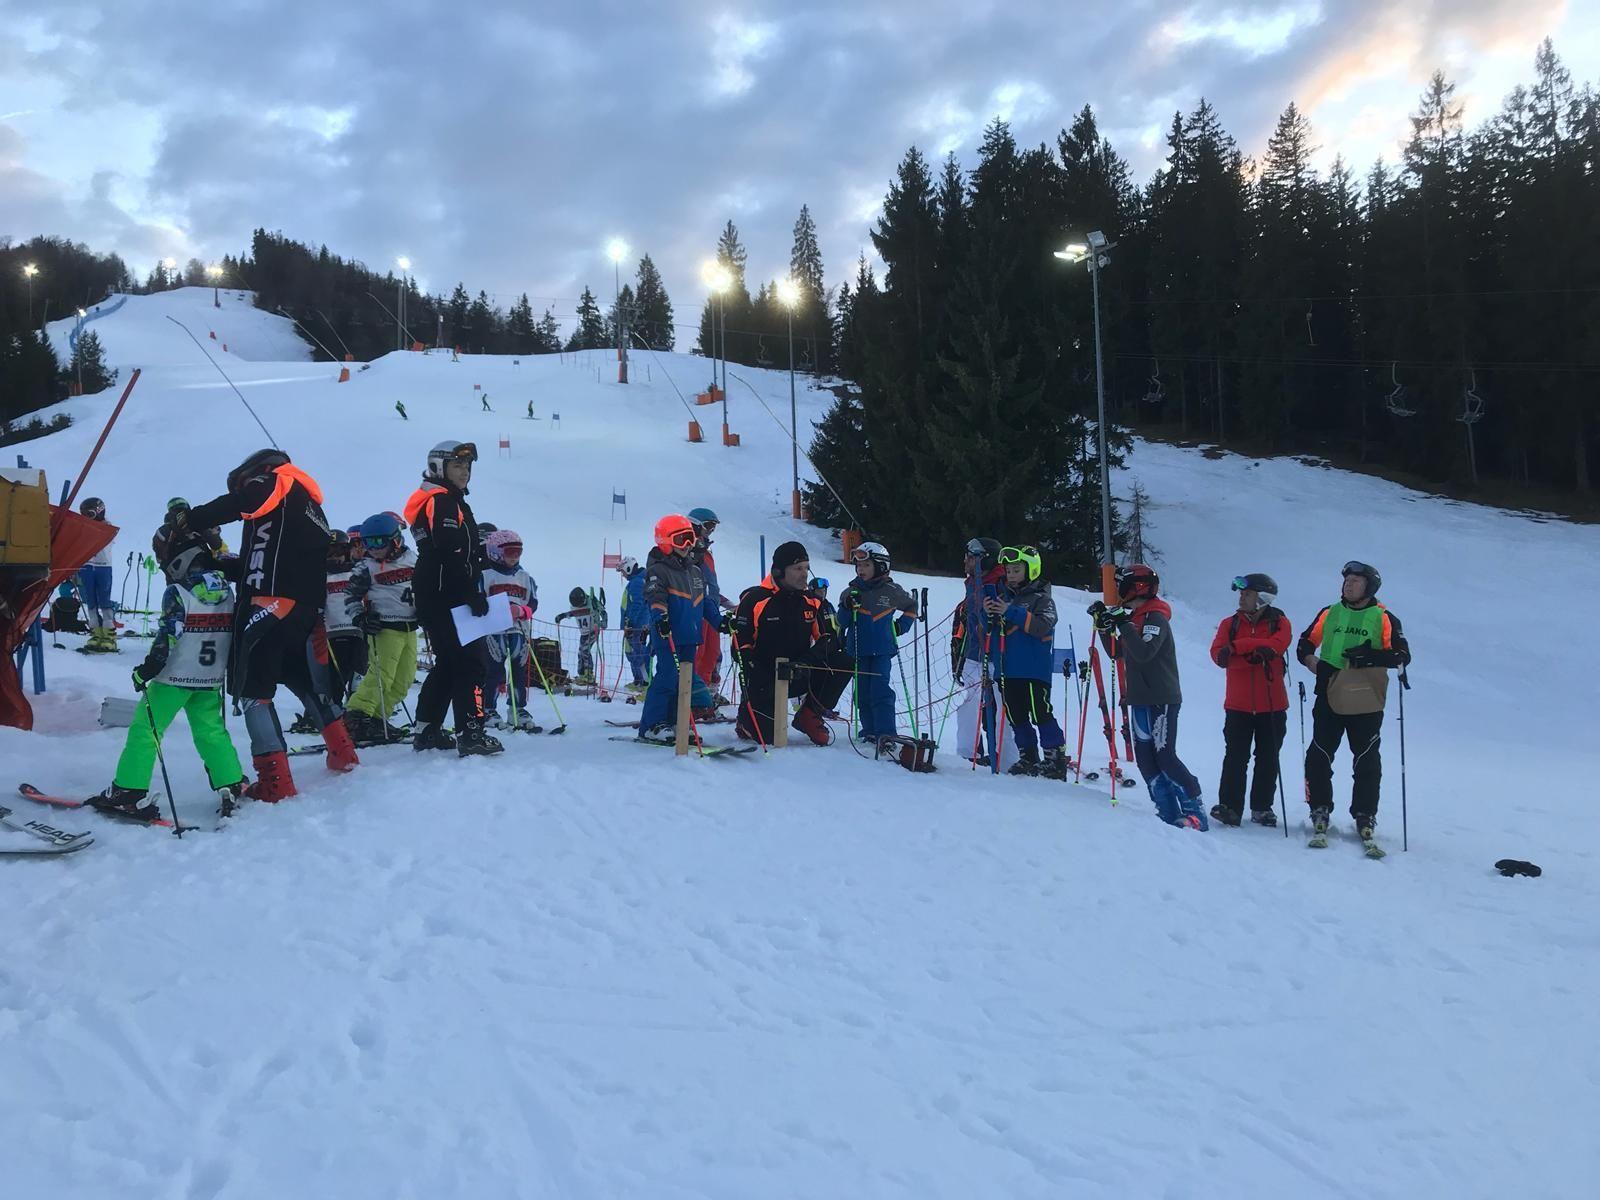 3. Lauf Fischer-Skicup 2020 (Götschen)